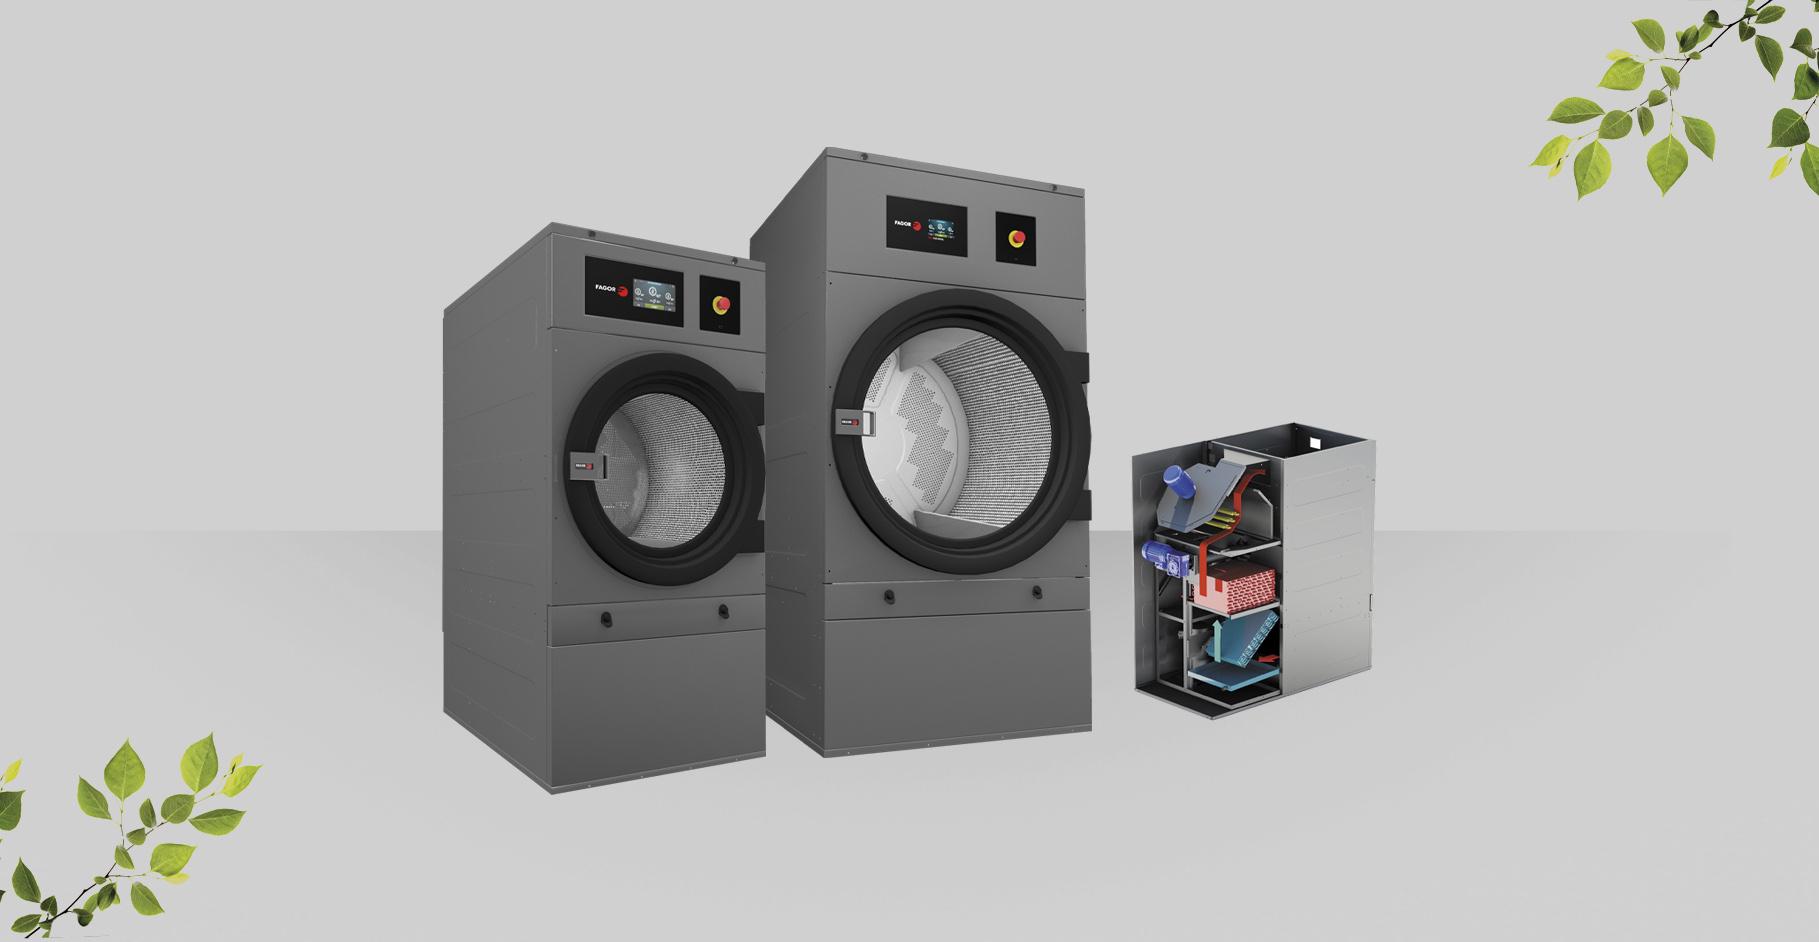 Machine À Laver Et Sèche Linge Intégré sèche-linge industriel de pompe à chaleur - fagor industrial